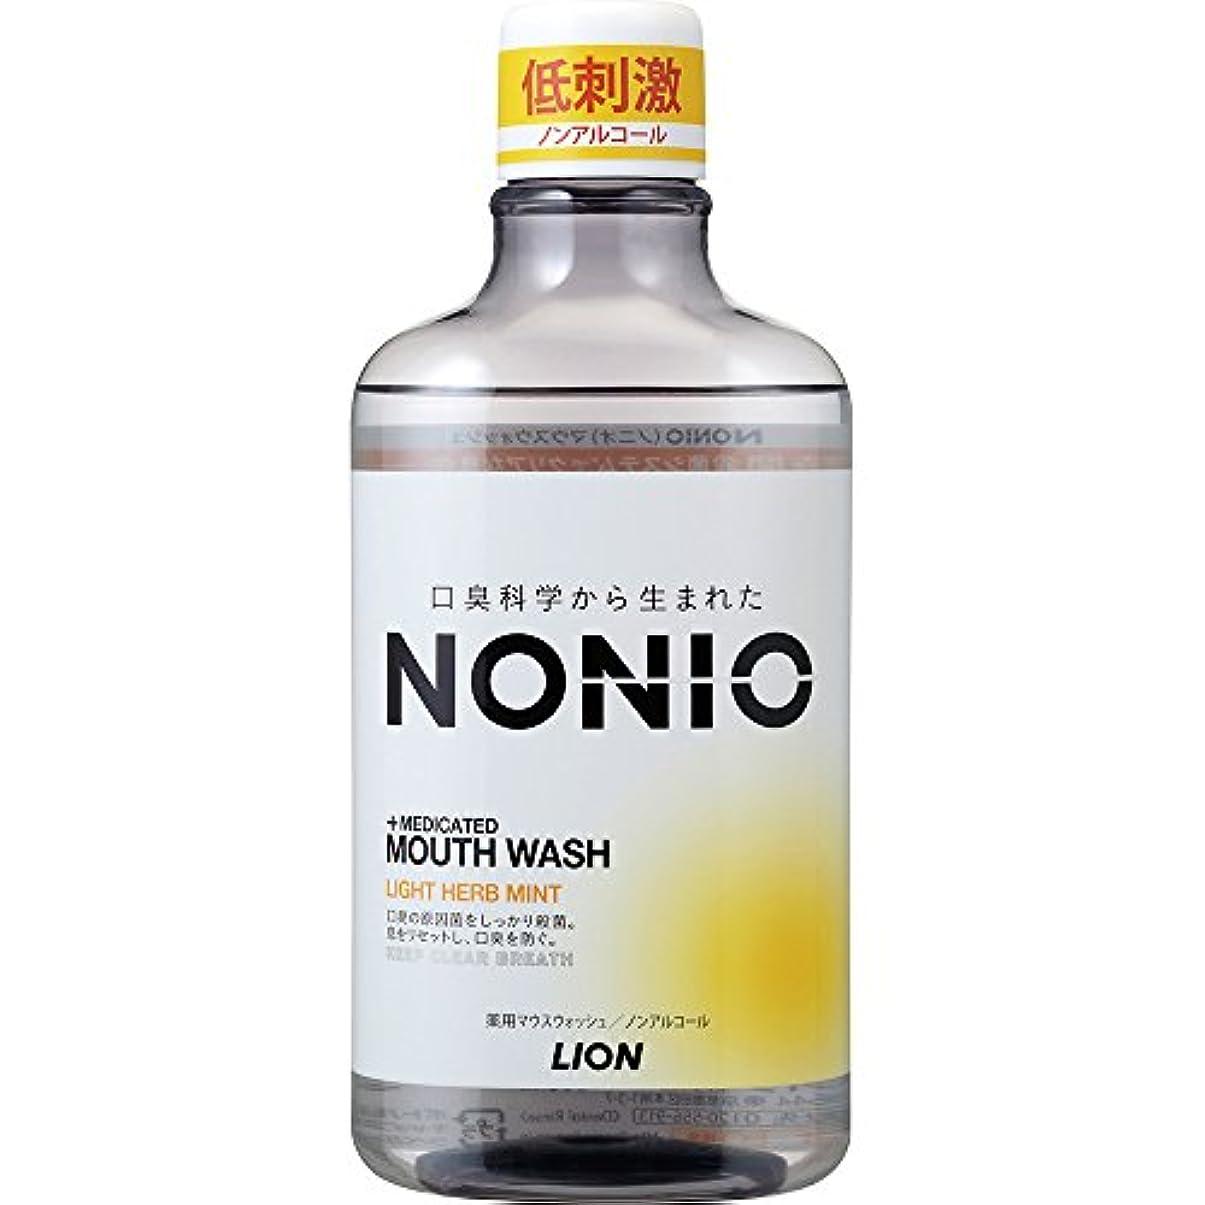 管理するレインコート令状NONIO マウスウォッシュ ノンアルコール ライトハーブミント 600ml 洗口液 (医薬部外品)